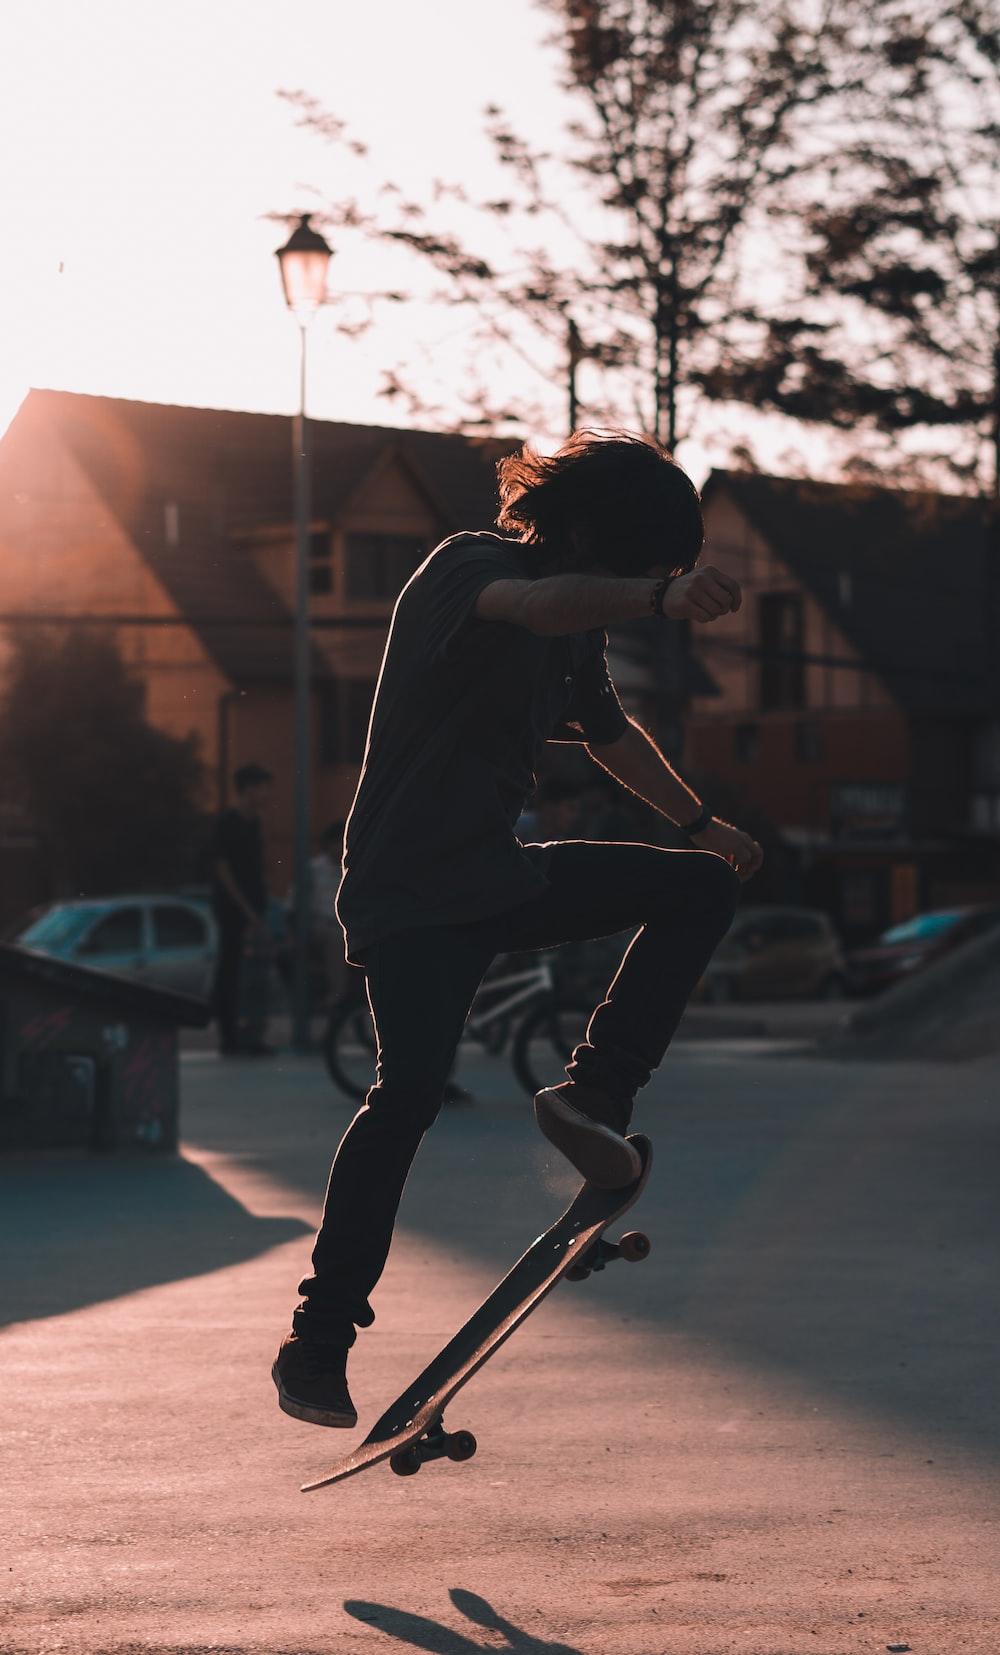 man doing skateboard trick during daytime